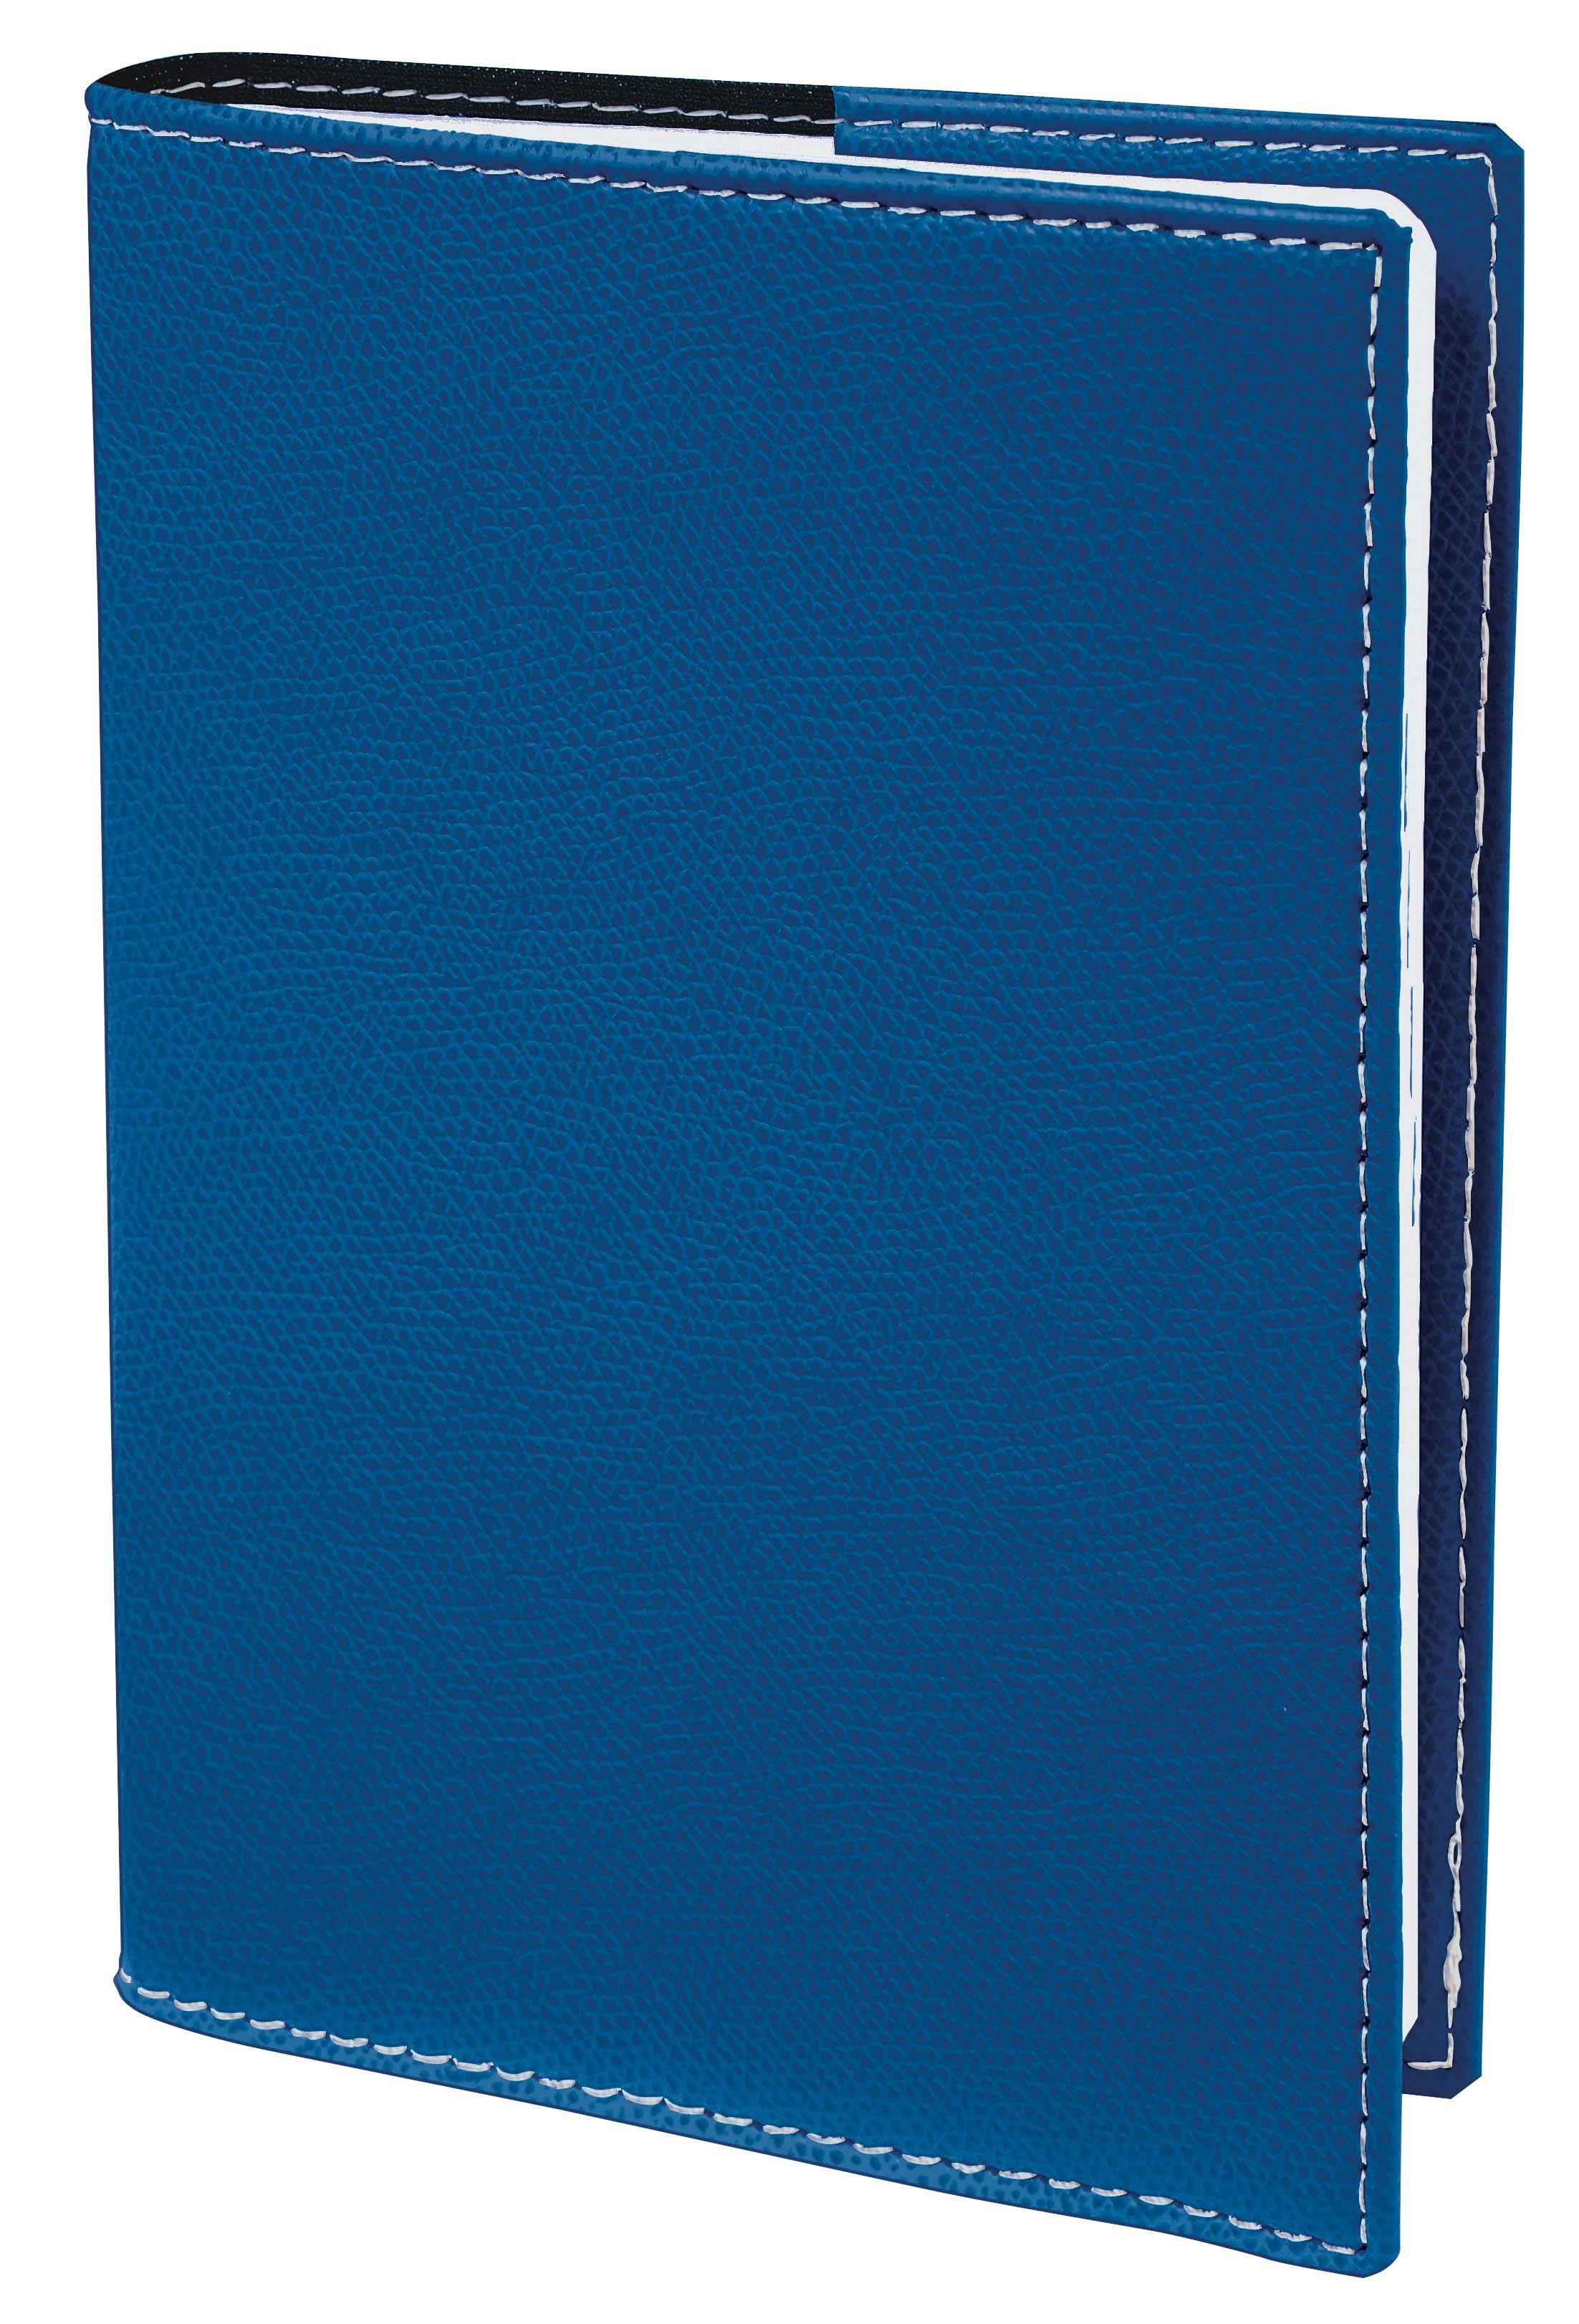 Agenda Le Professeur Club - 2 semaines sur 2 pages - 21 x 27 cm - bleu roi - Quo Vadis